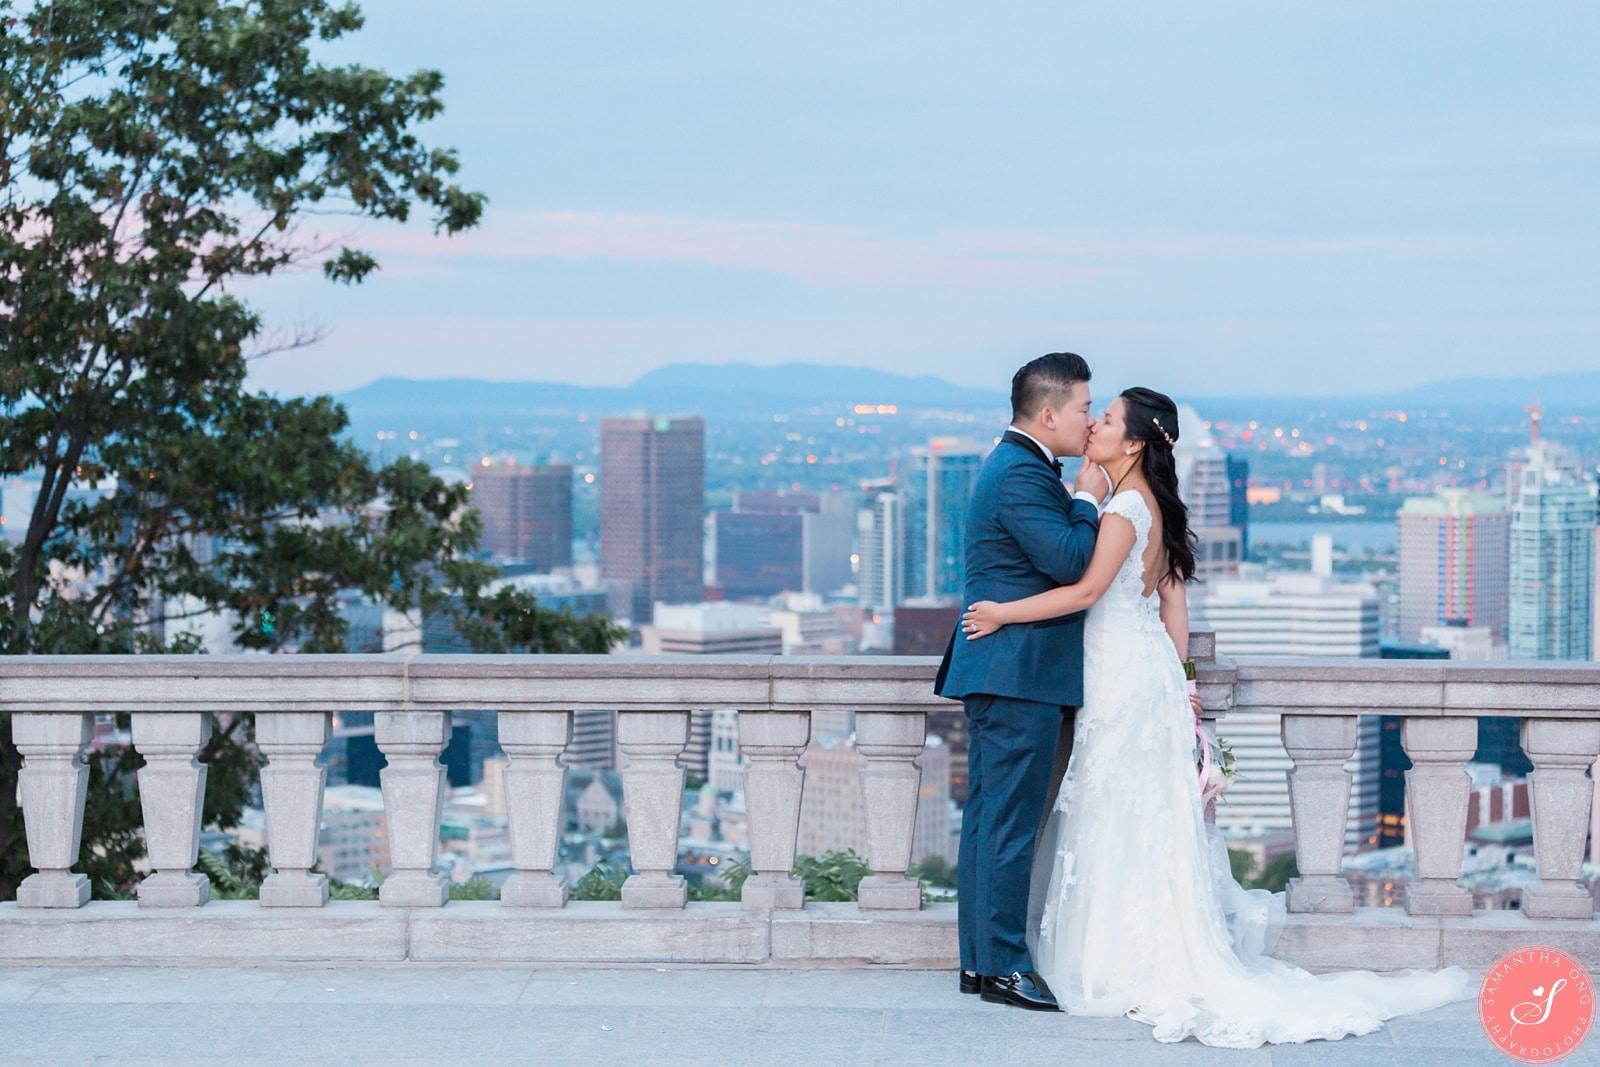 Montreal Post-Wedding Session at Chalet du Mont Royal: Si Hua + Ga ...